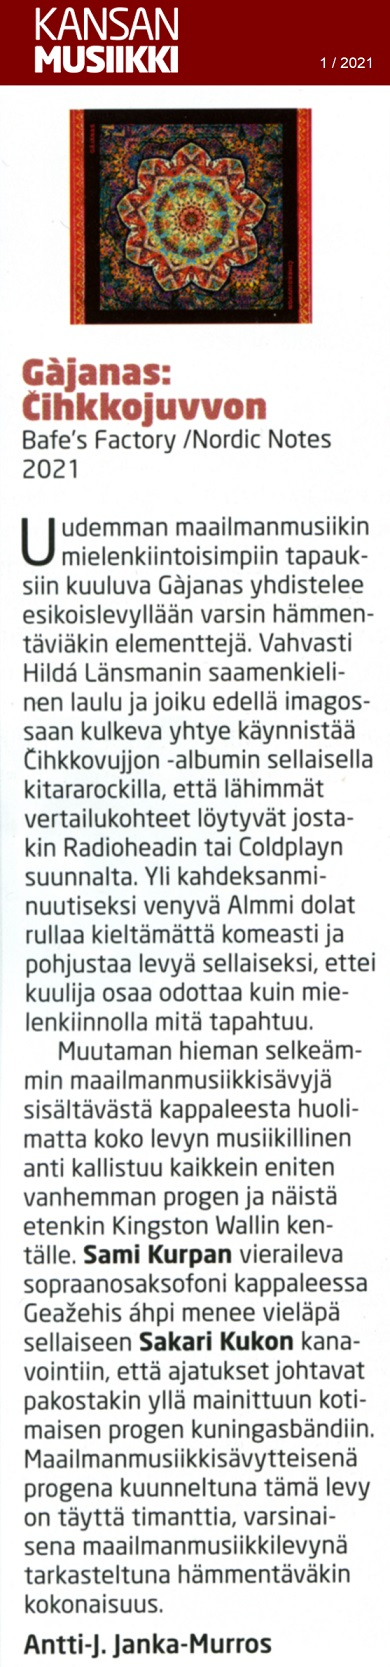 Kansanmusiikki (Finland), 1/2021